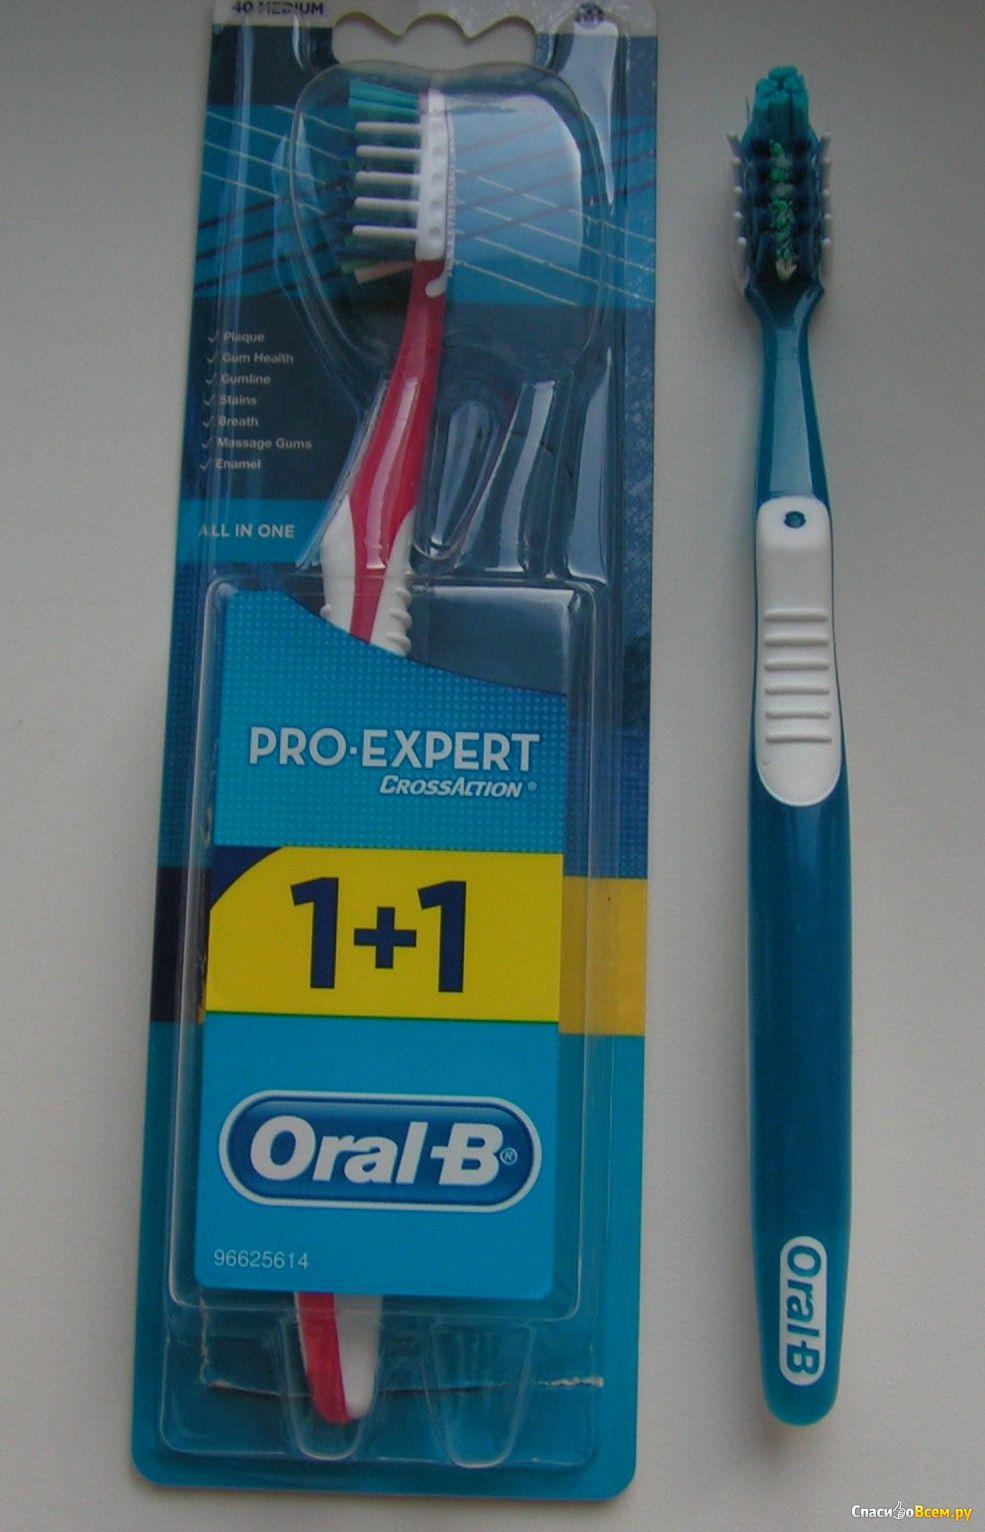 Набор из 2-х зубных щеток Oral-B Pro-expert Cross Action фото. Упаковка и  отдельная щетка 1ce19ca2d2132